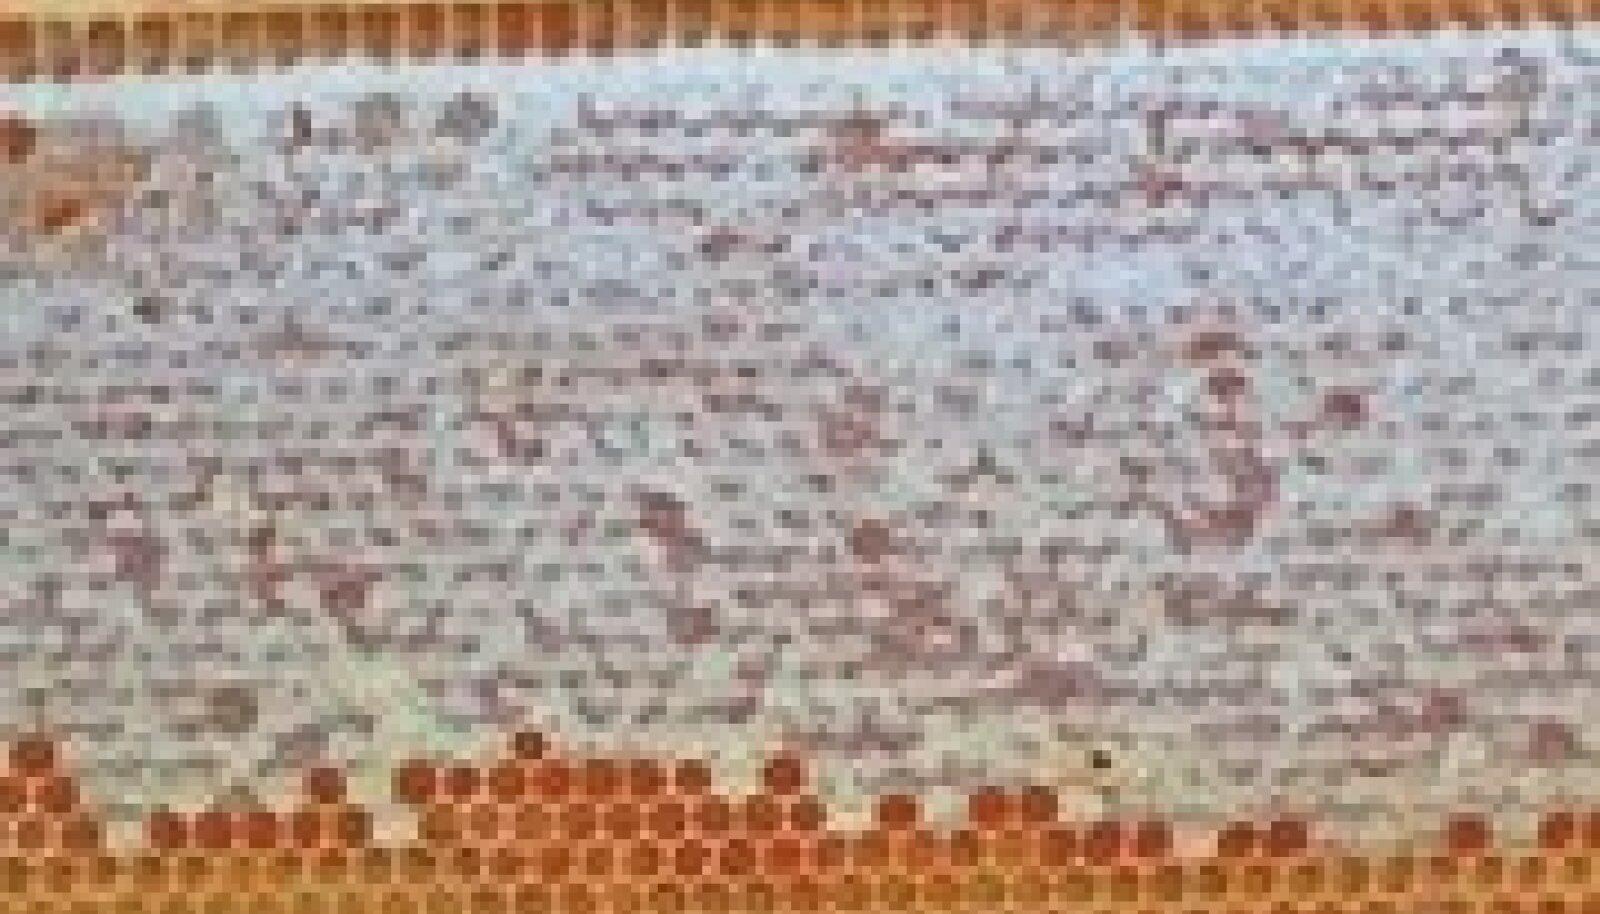 Kui kärg on kaanetatud rohkem kui pooles ulatuses, on mesi selles valminud.